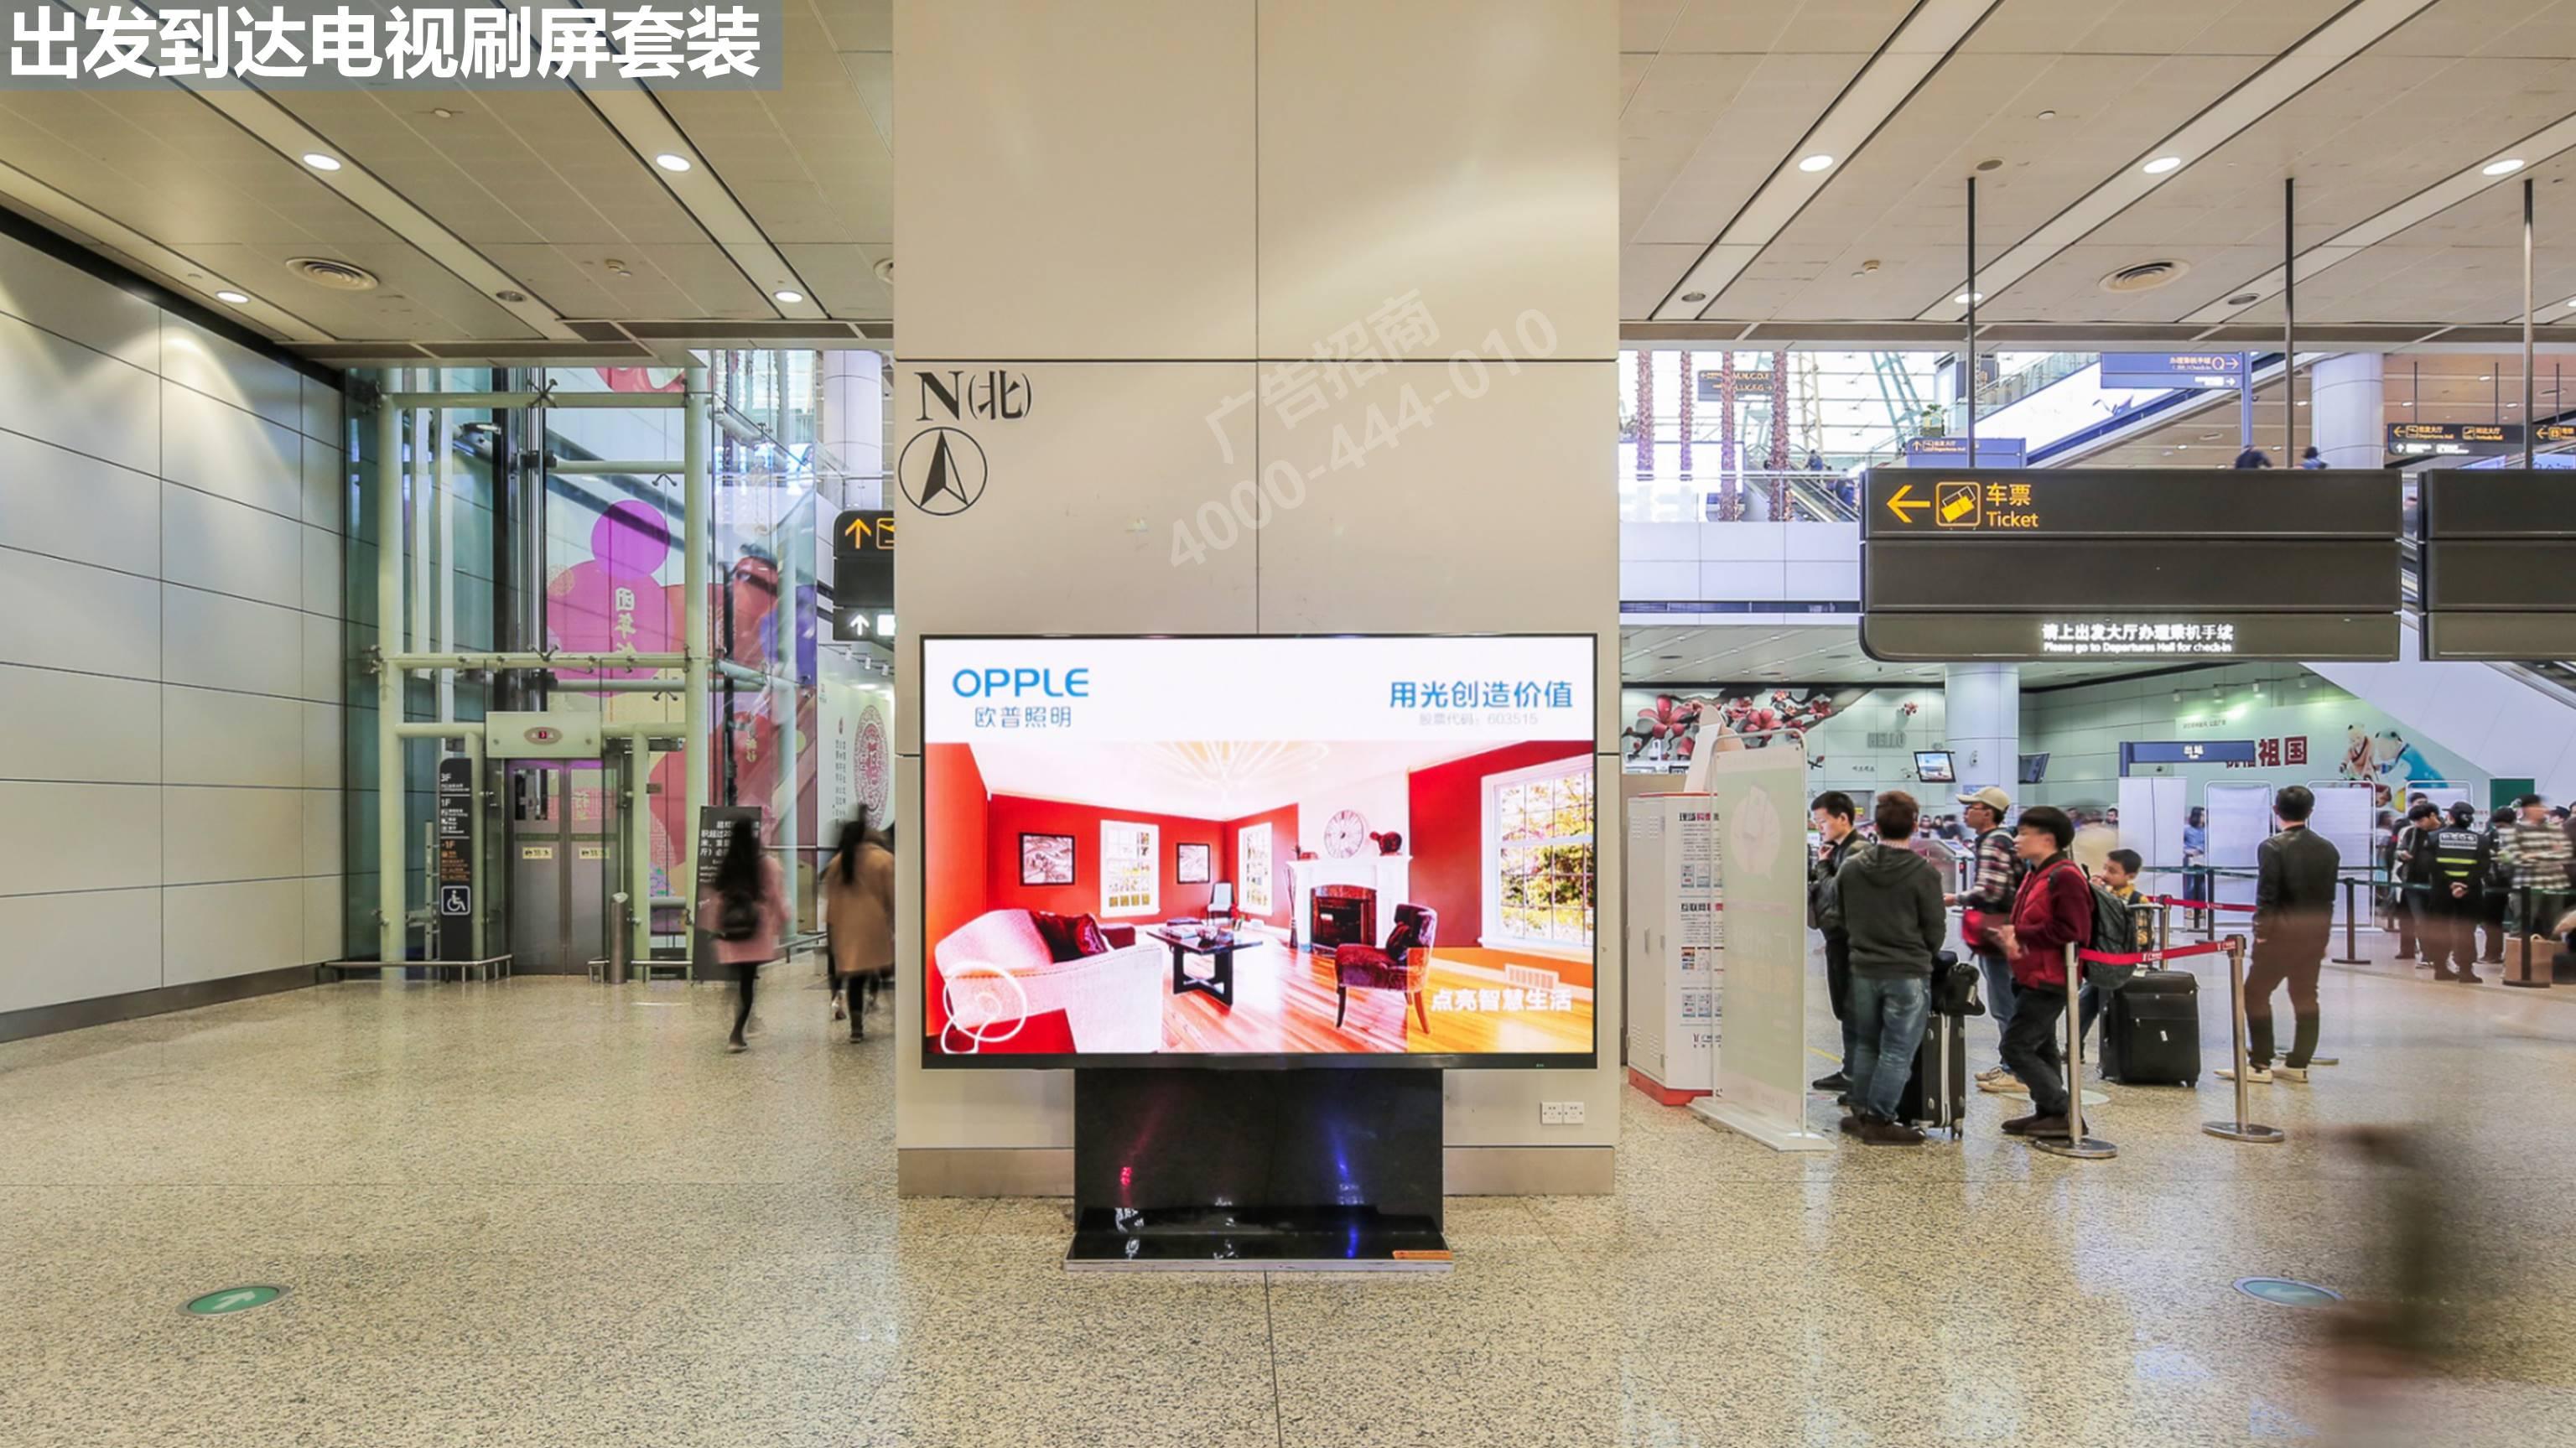 广州机场广告电视刷屏套装